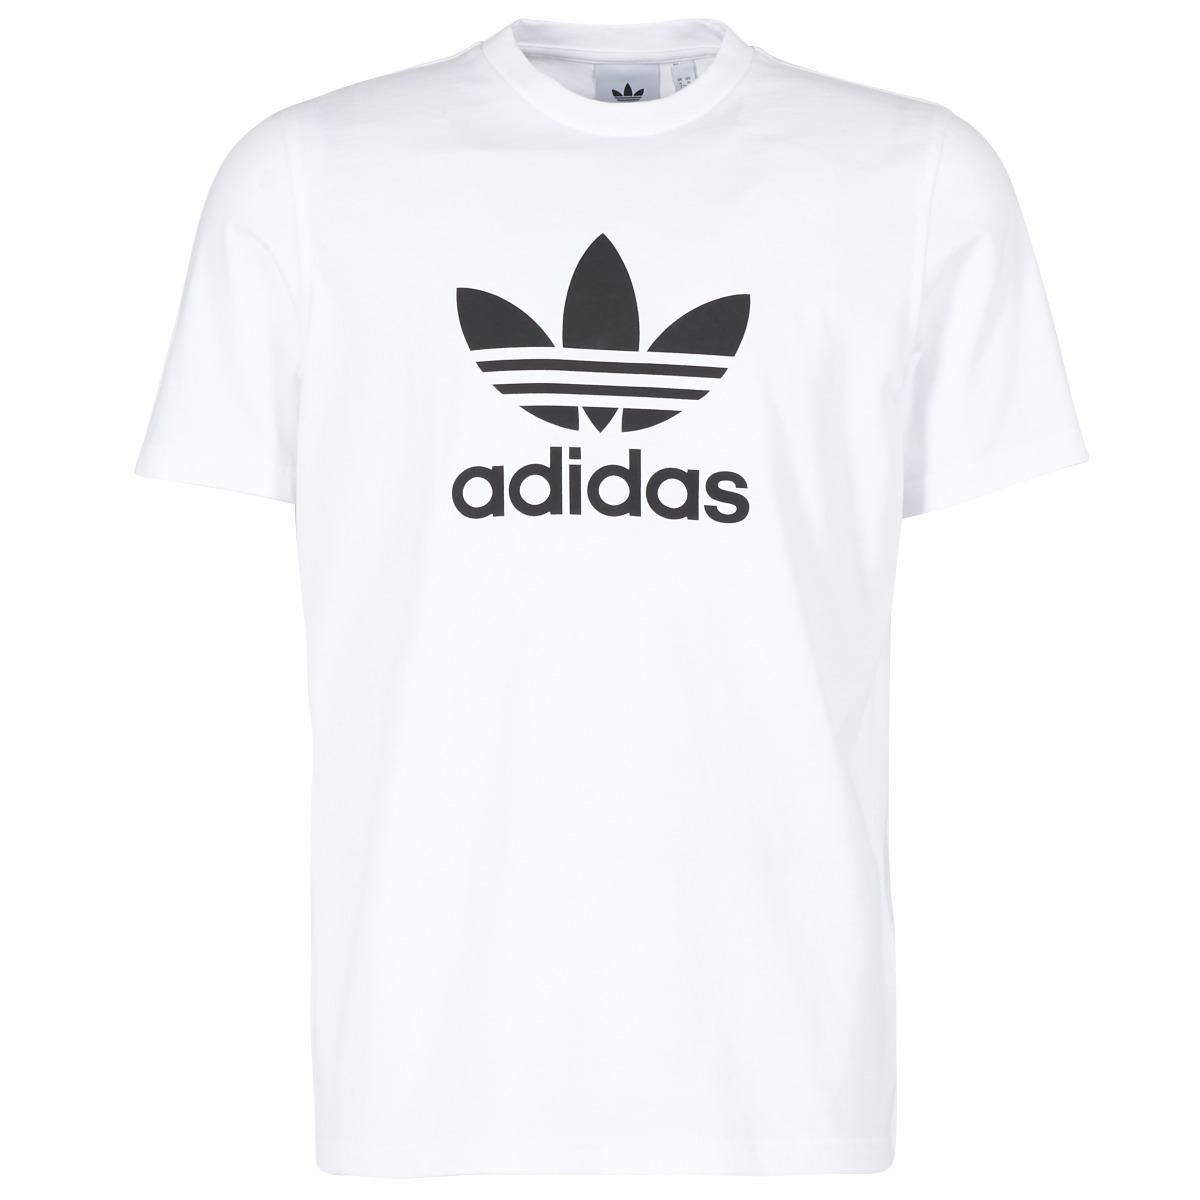 adidas originals x by o t shirt